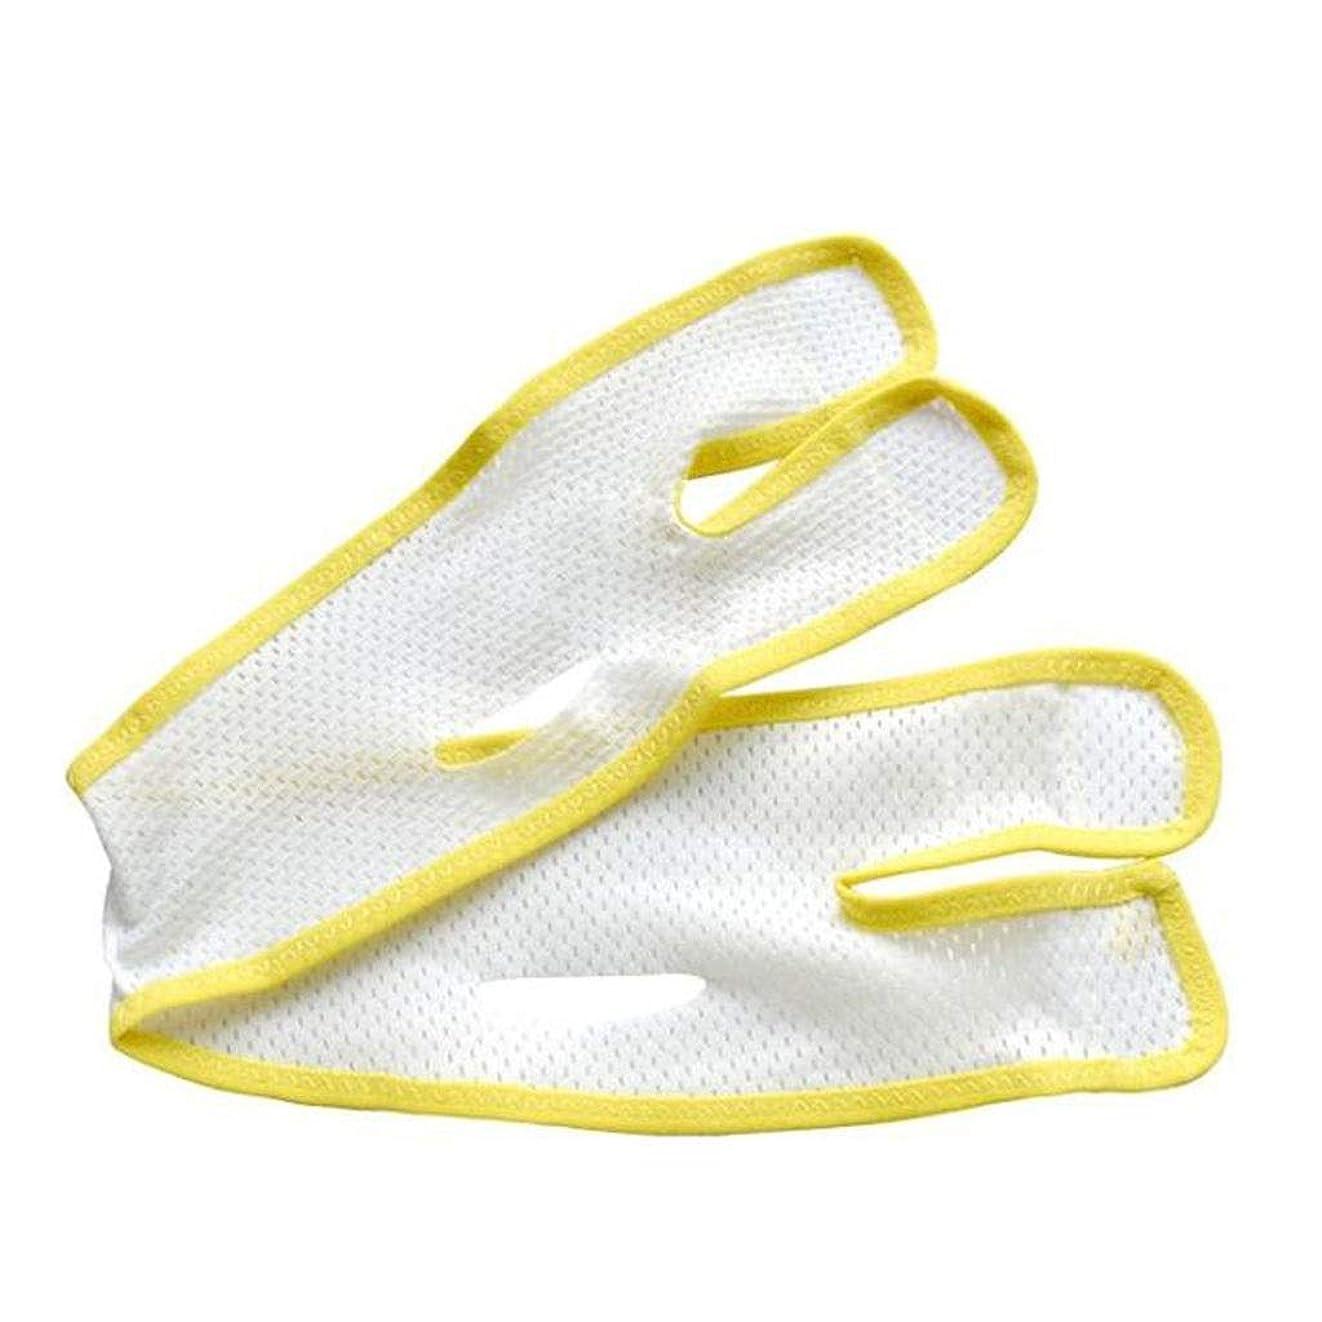 衰えるすずめ創傷通気性フェイスマスク - Vフェイスアーティファクト - 二重あご包帯を引き締める引き締め